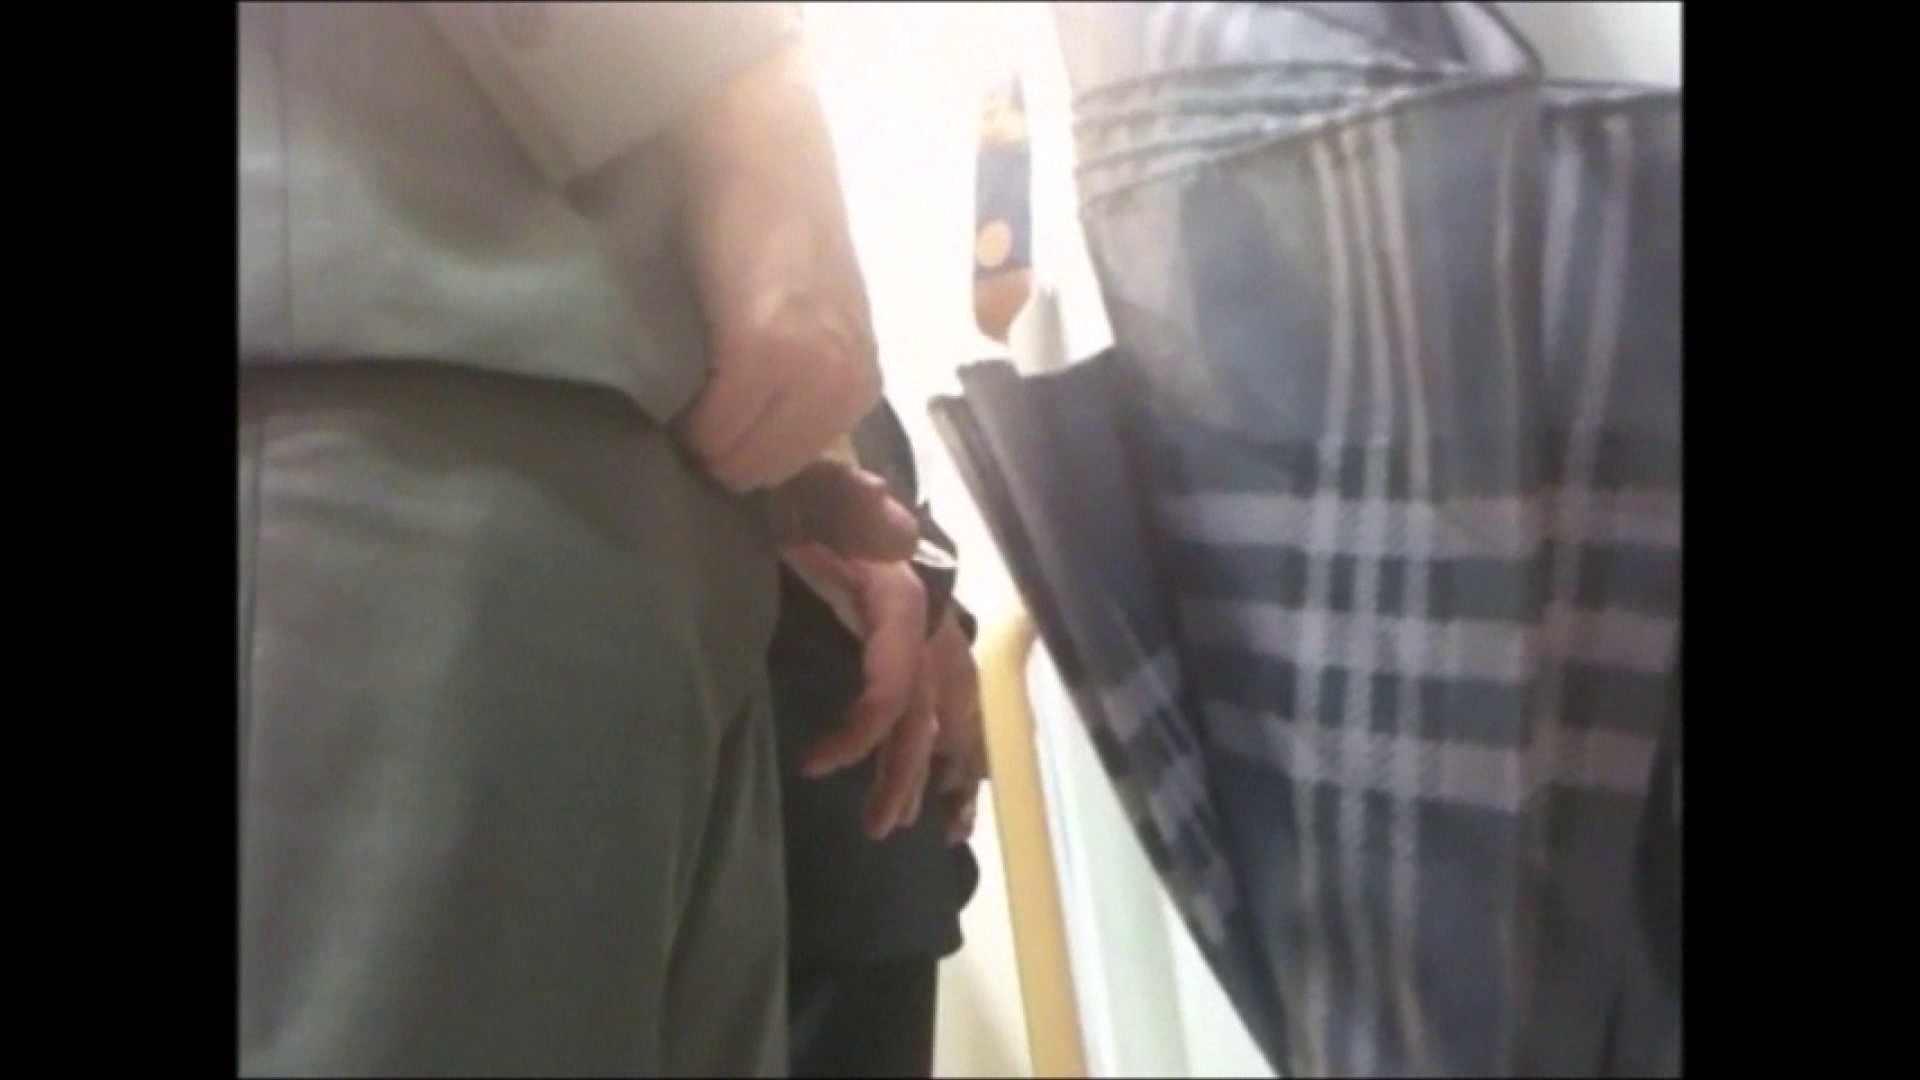 無修正セックス盗撮:すみませんが覗かせてください Vol.18:放尿